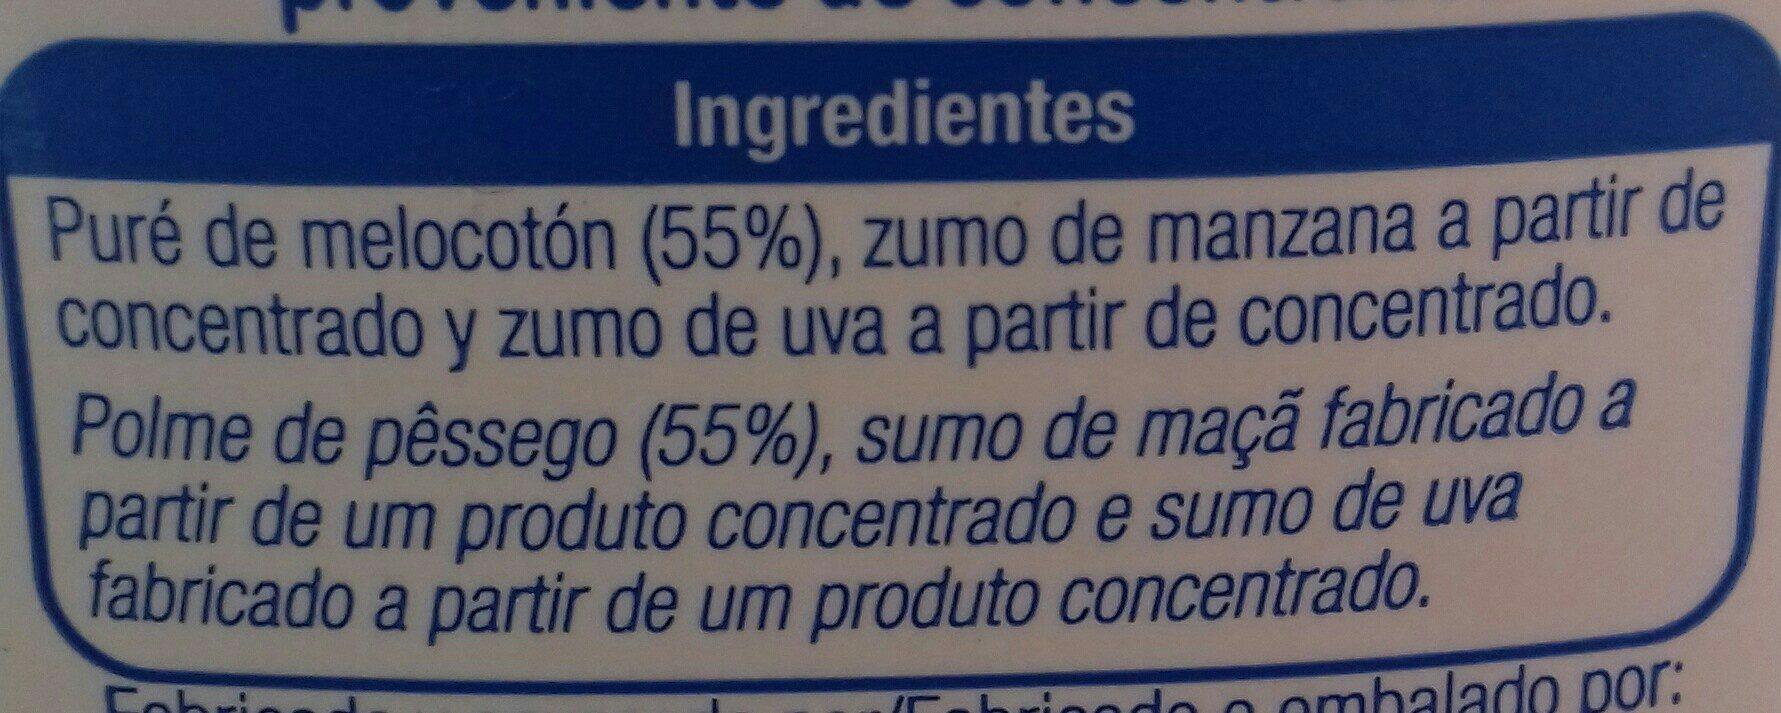 Zumo de melocotón,  manzana y uva - Ingrédients - fr